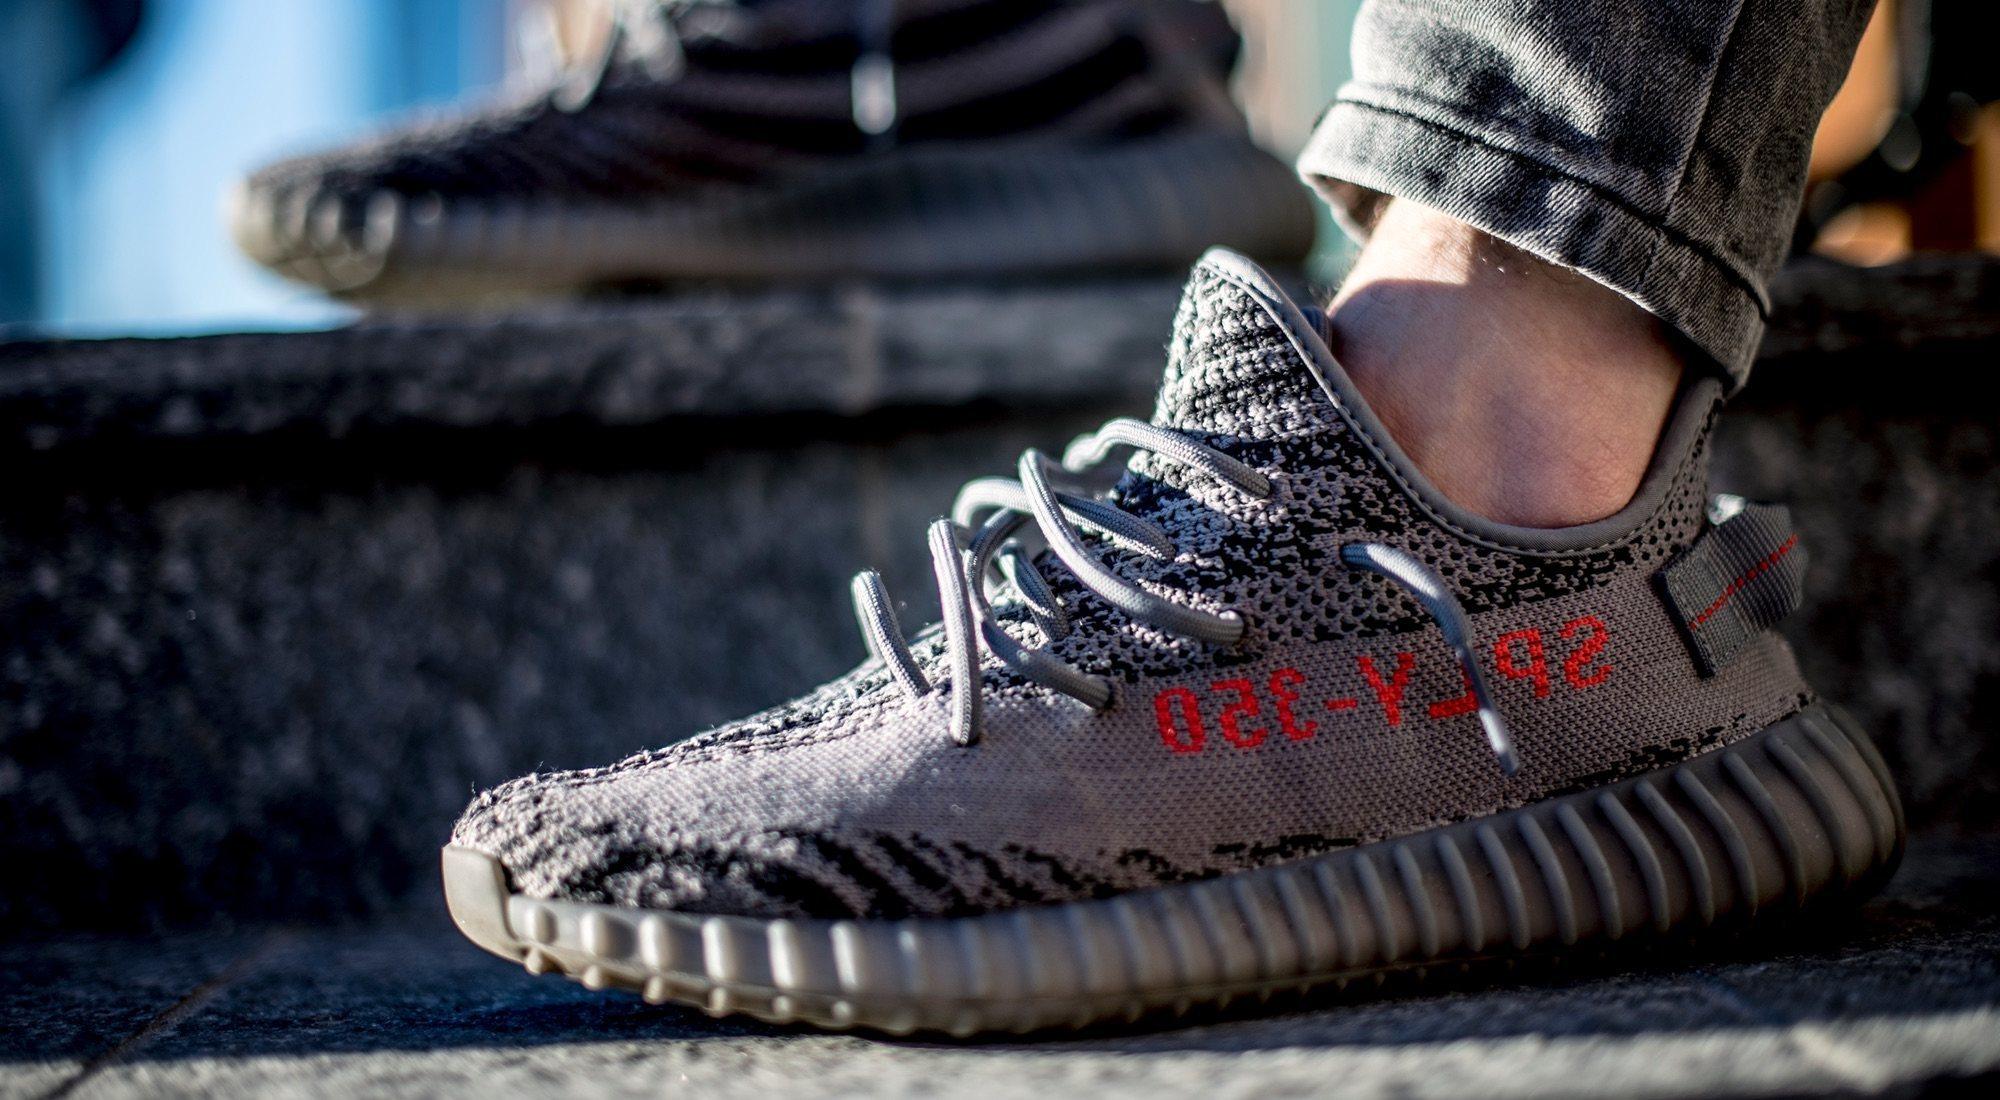 Sneakerheads o el boom de la reventa de zapatillas que está revolucionando el mercado